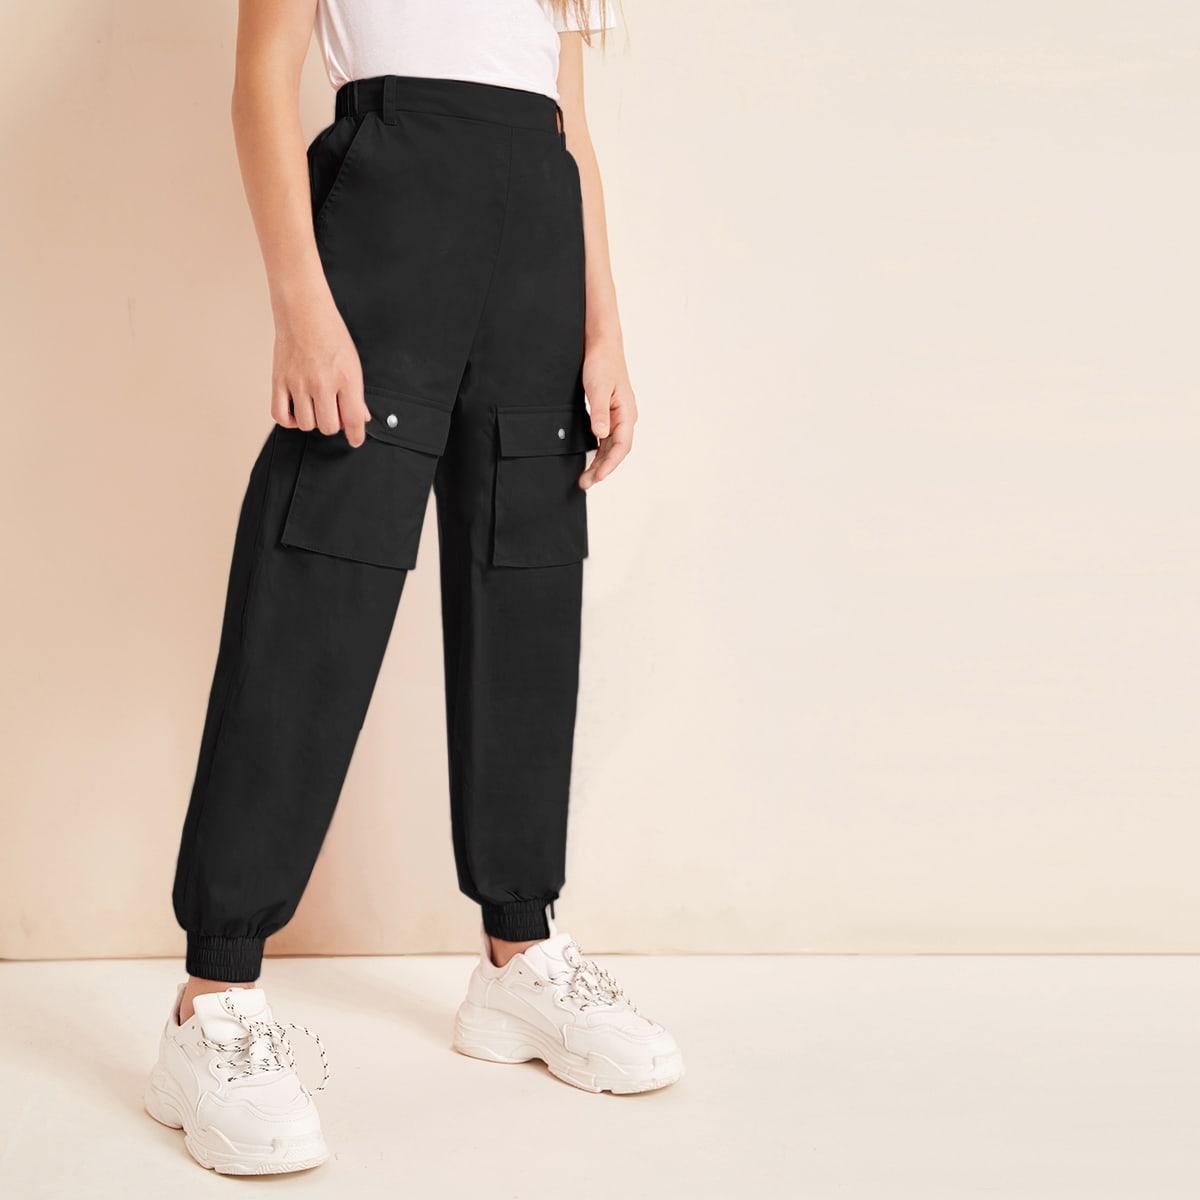 Однотонные брюки с карманом для девочек